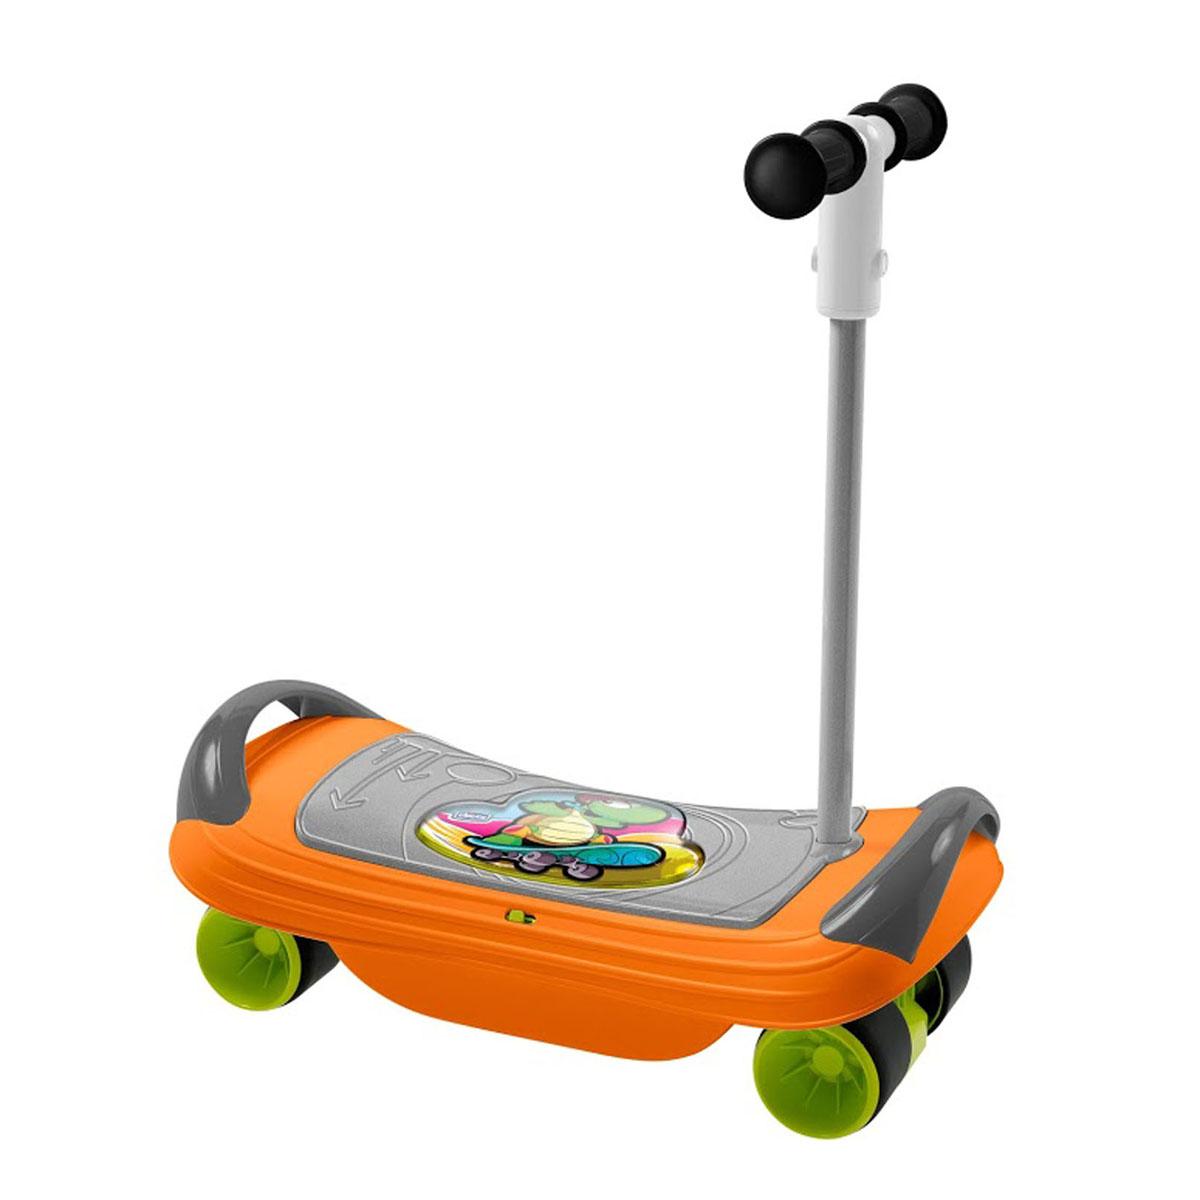 """Игрушка-каталка Chicco """"Скейт"""" - это прекрасный тренажер для физического развития ребенка. Она представляет собой широкую доску с поручнями, к которой снизу крепится рама с колесами. Игрушка выполнена из прочного безопасного пластика и может использоваться в качестве доски для баланса, скейта или самоката. В качестве доски для баланса (баланс борда) игрушка предназначена для ребенка в возрасте от 18 месяцев. Он сможет на ней сидеть, удерживаясь за боковые поручни и стараясь удержать равновесие, развивая координацию. Начиная с трехлетнего возраста малыш сможет использовать баланс борд в положении стоя. В конфигурации баланс борда игрушка предусматривает два электронных режима игры: Режим 1: Ребенок качается на доске из стороны в сторону и слушает веселые мелодии; Режим 2: В то время, когда ребенок удерживает равновесие, играет музыка. Если малыш теряет равновесие, музыка прерывается. Для того, чтобы конфигурировать игрушку в самокат, необходимо..."""